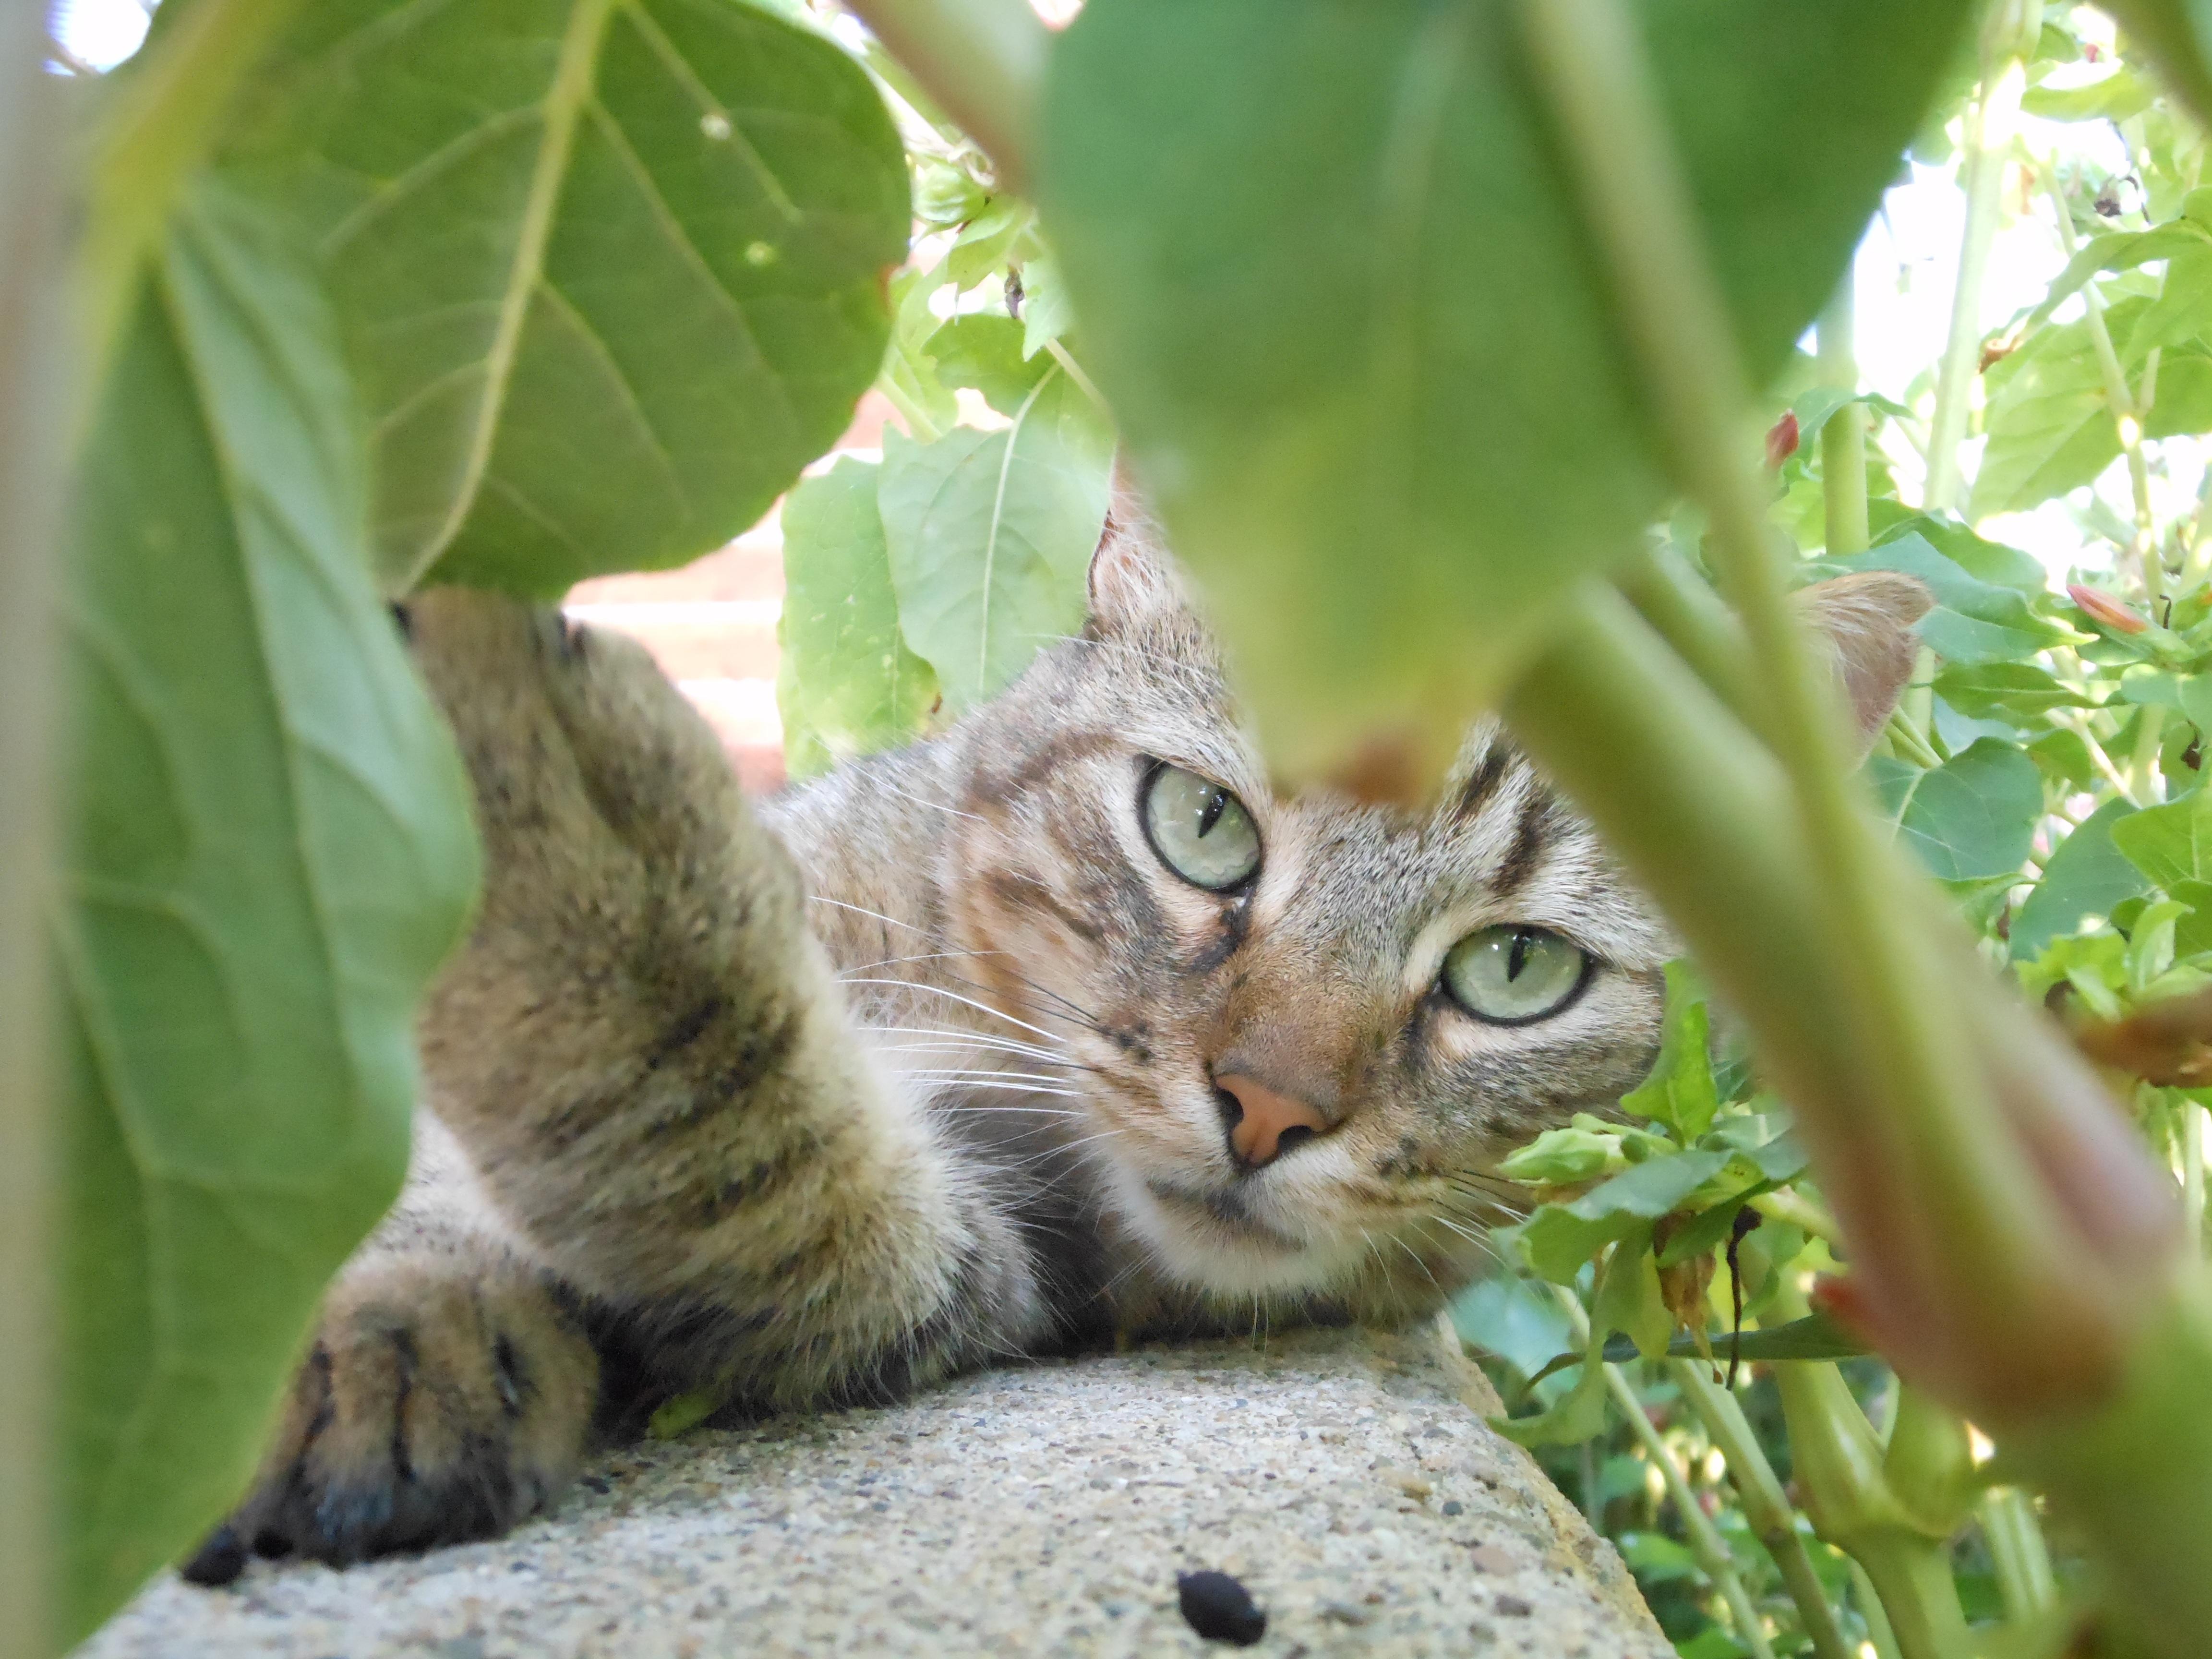 Gambar Kucing Fauna godean.web.id